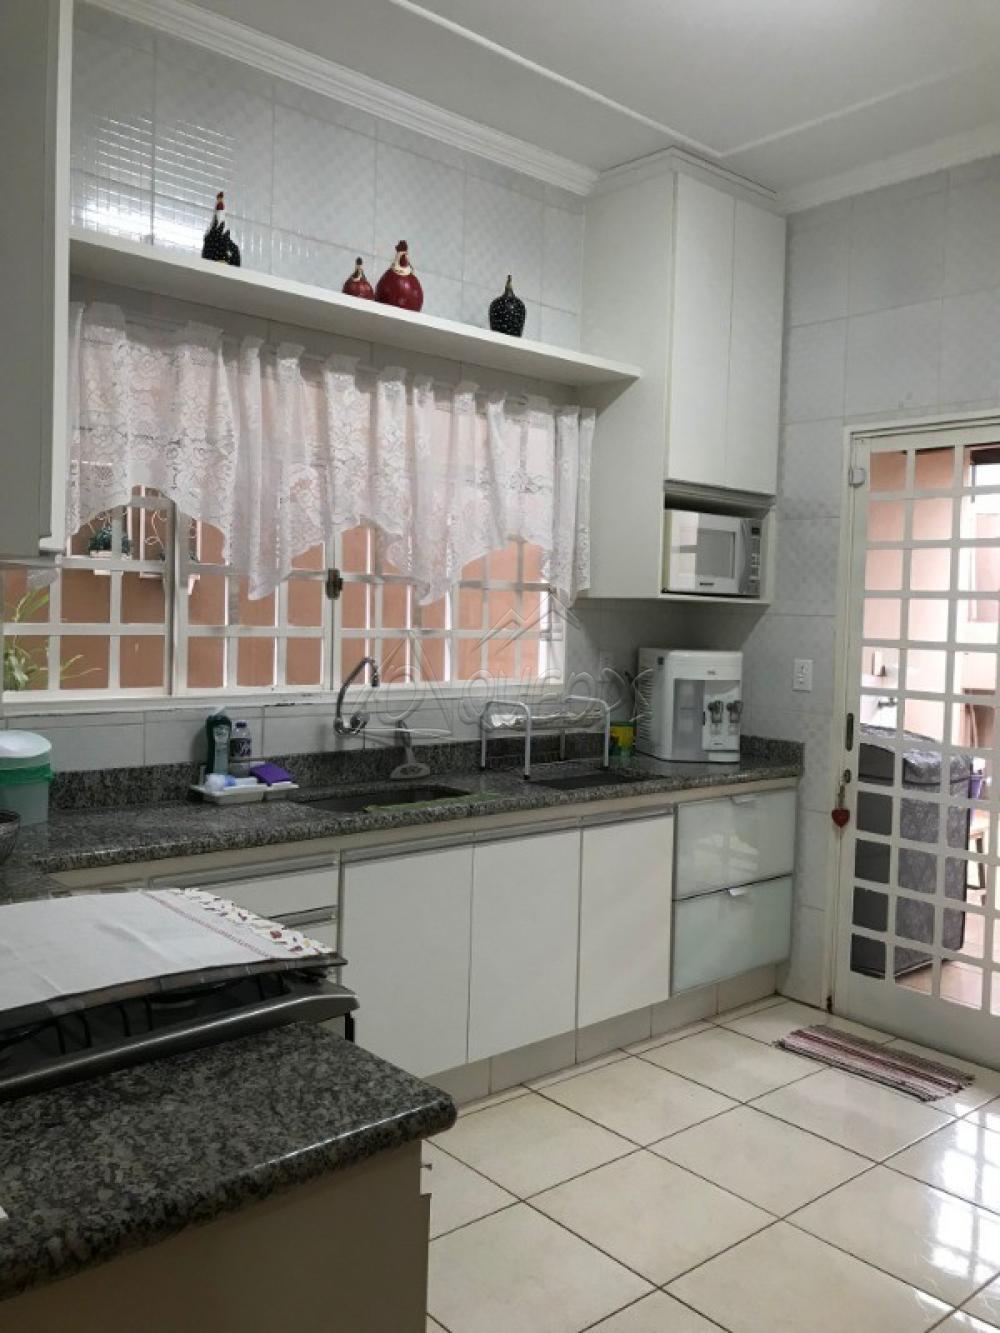 Comprar Casa / Padrão em Barretos apenas R$ 530.000,00 - Foto 11